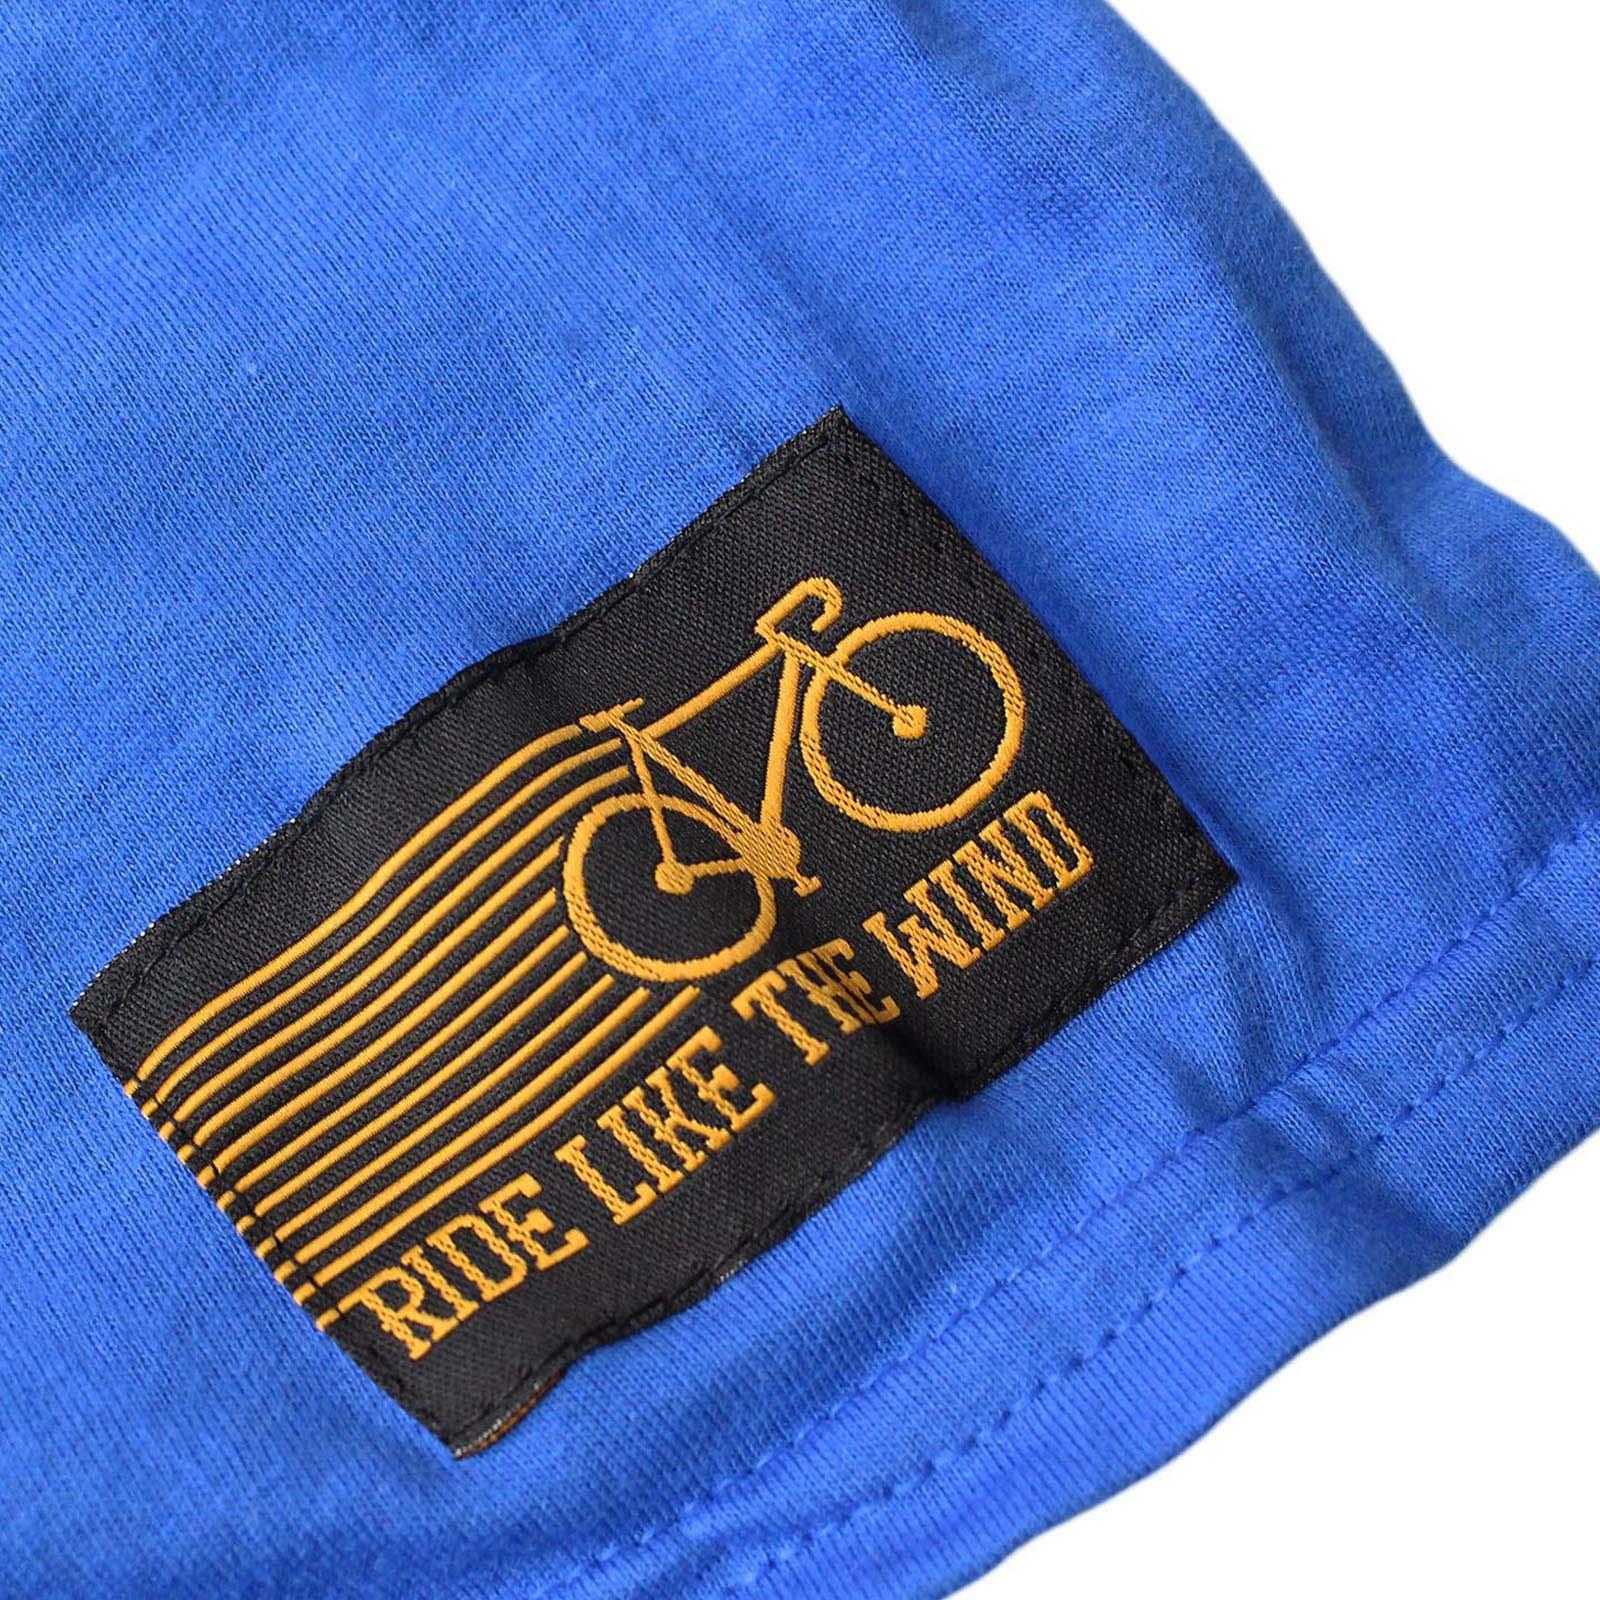 FB-Cycling-Tee-Ocd-Cycling-Novelty-Birthday-Christmas-Gift-Mens-T-Shirt thumbnail 40